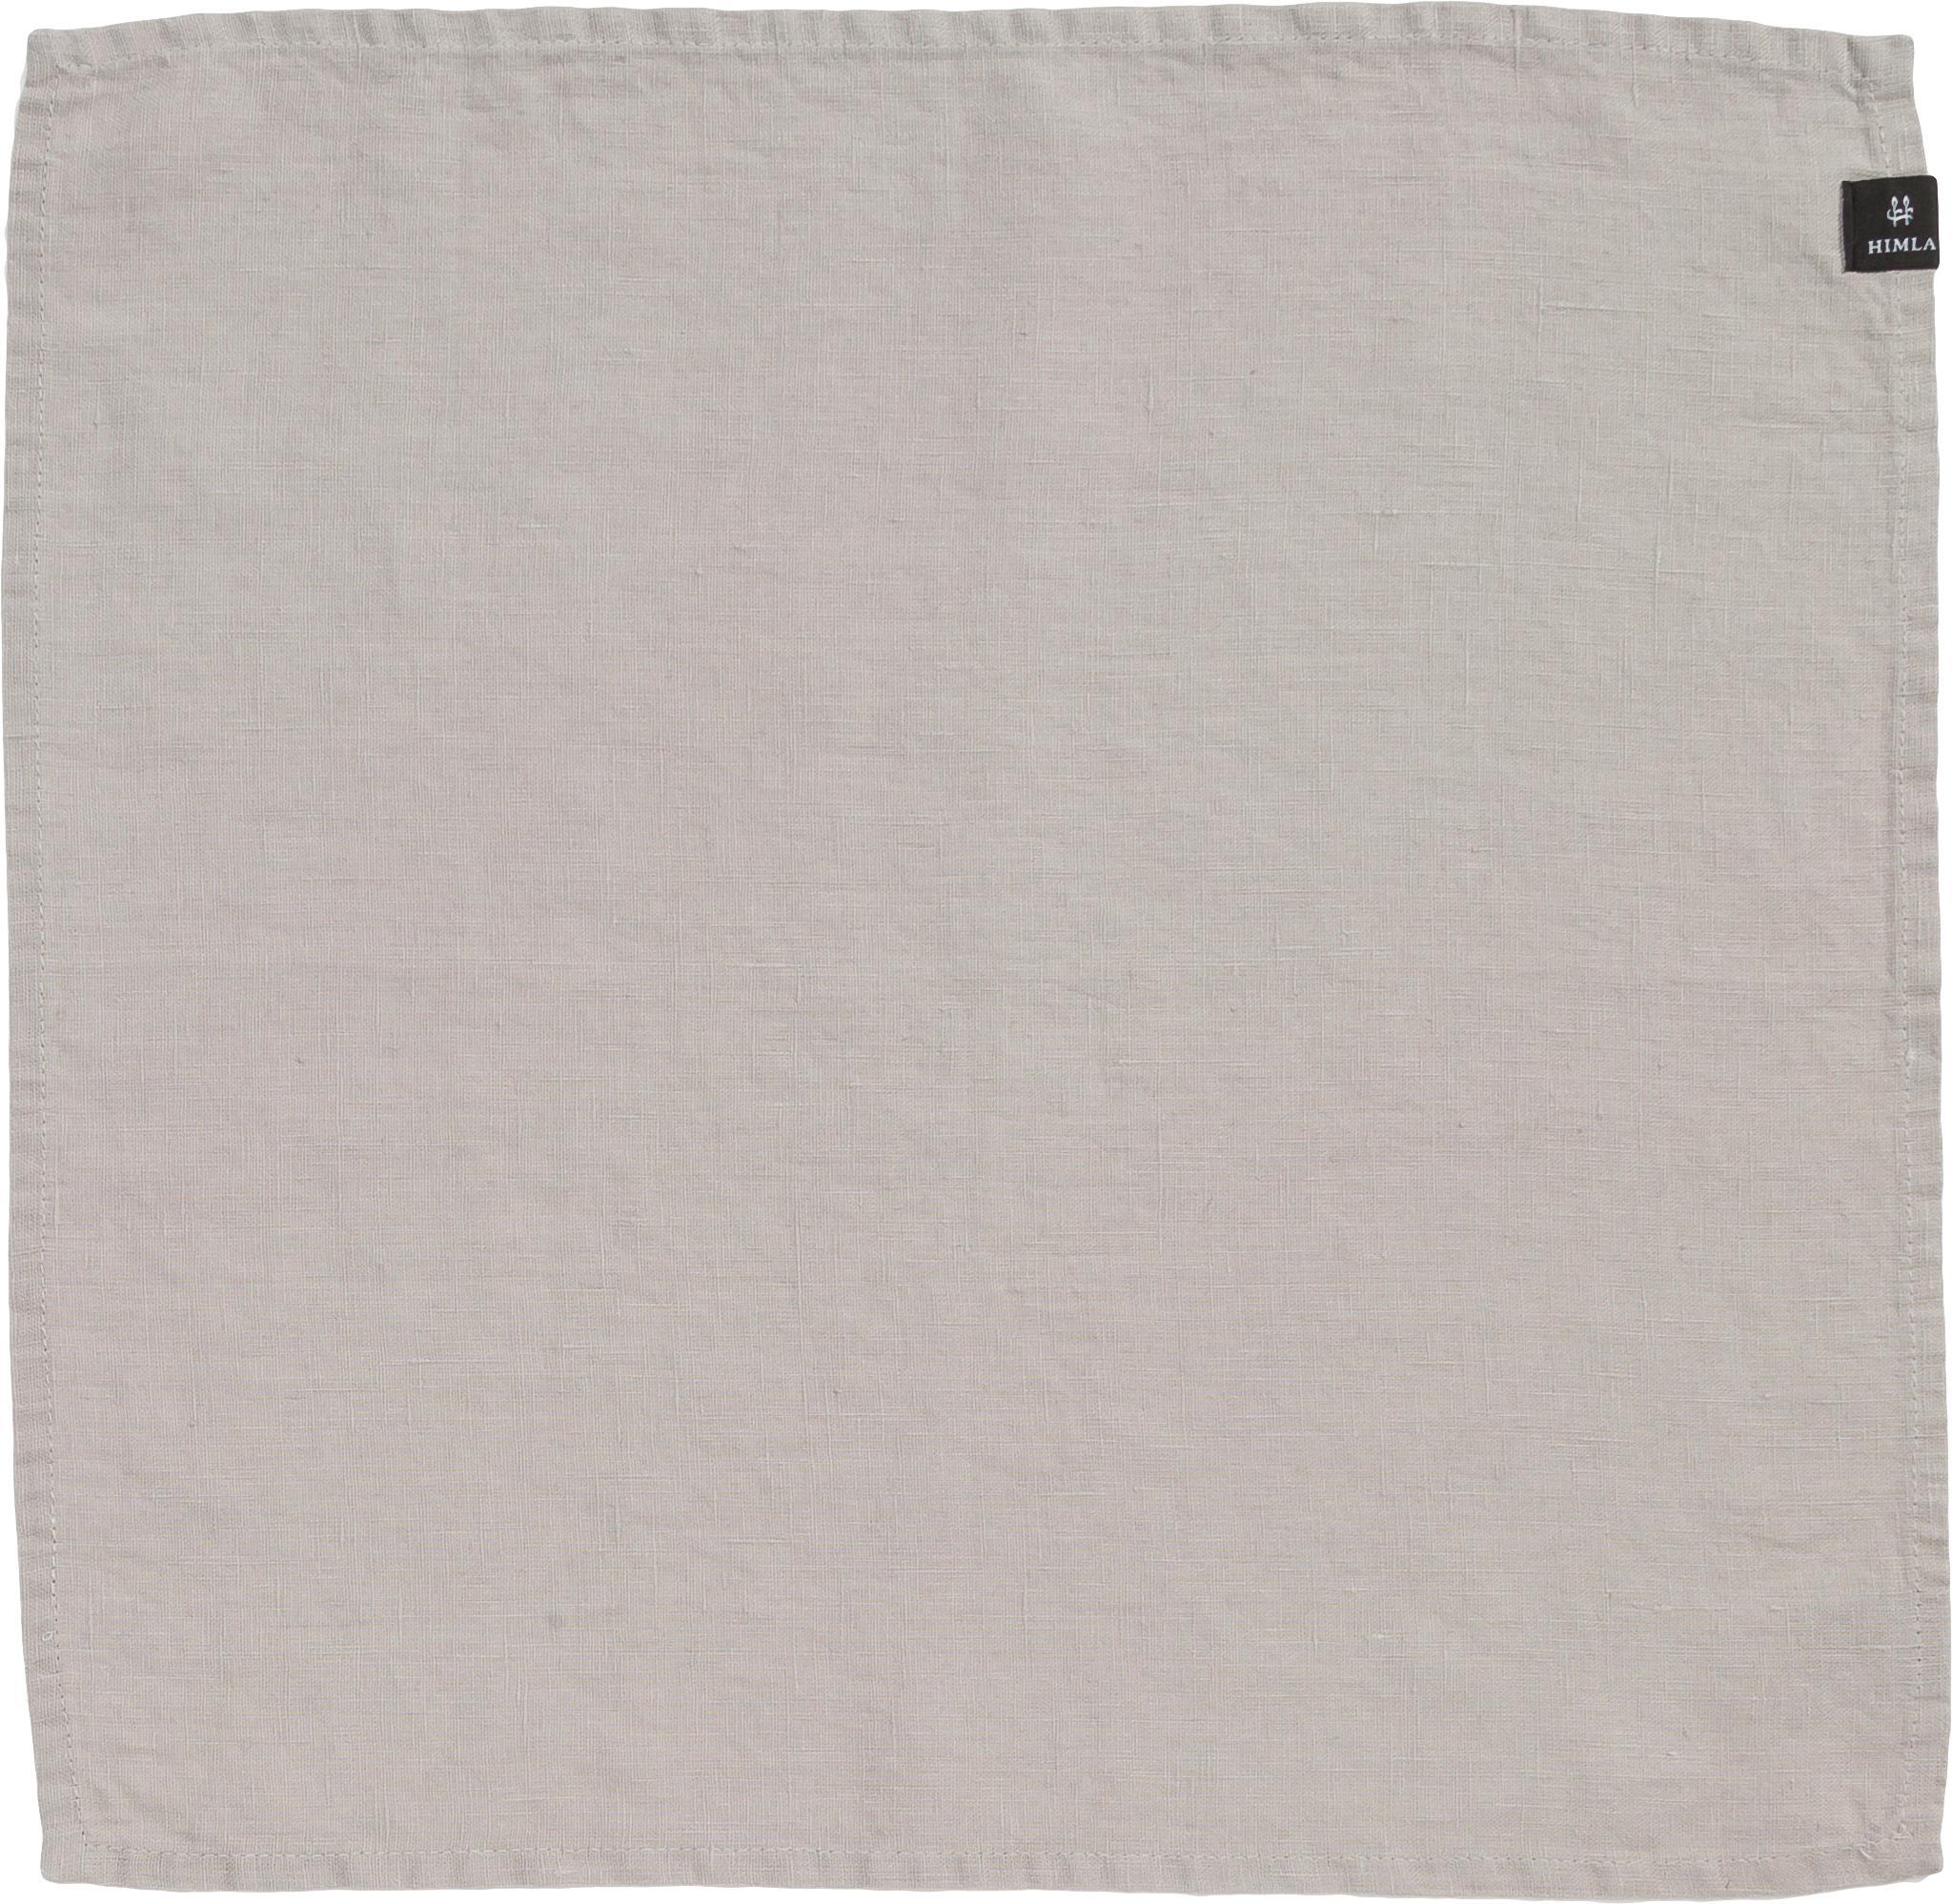 Tovagliolo in lino Sunshine 4 pz, 50% lino, 50% cotone, Bianco cenere, Larghezza 45 cm x Lunghezza 45 cm